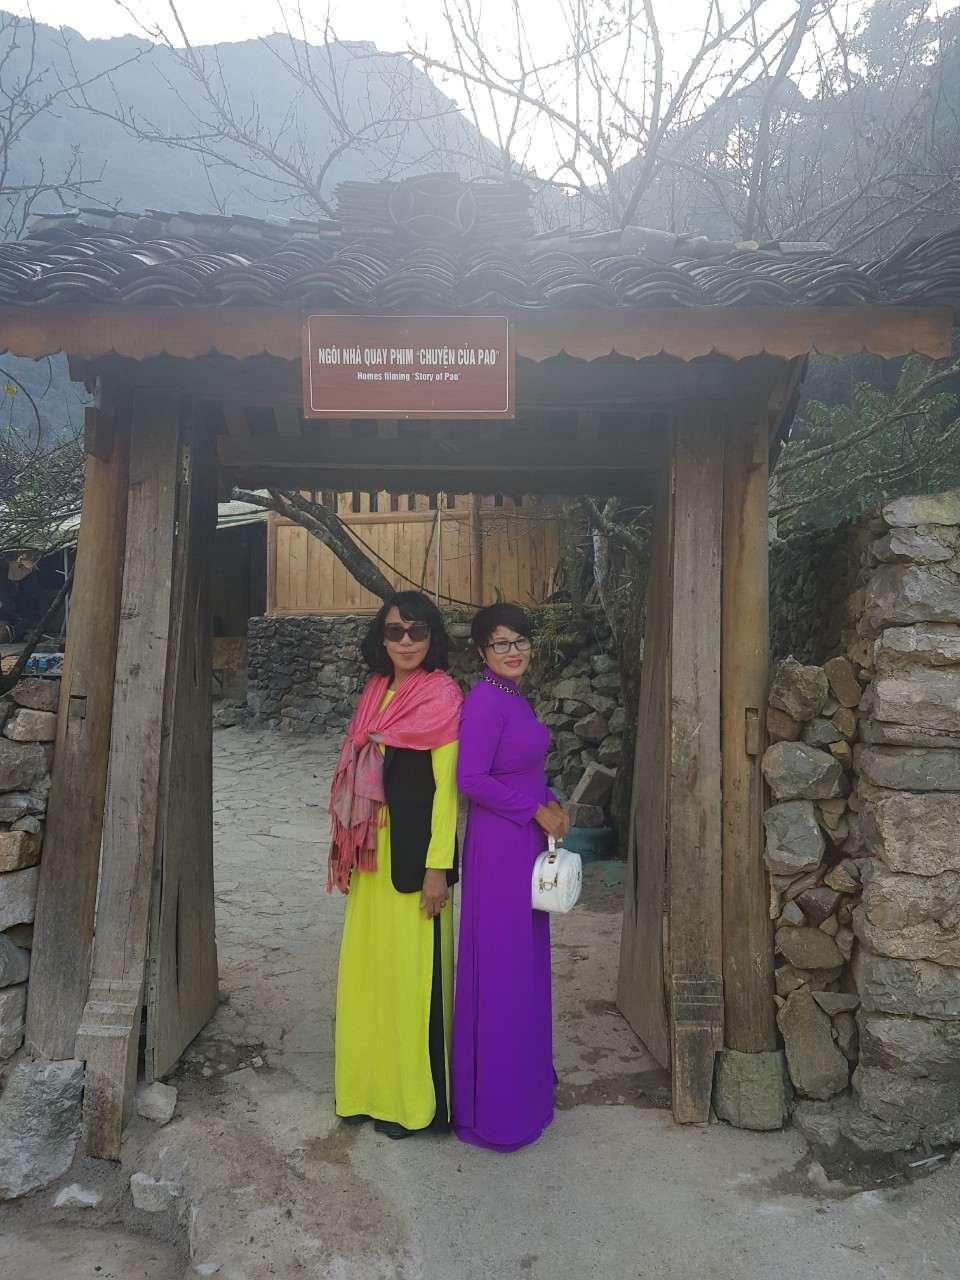 Du lịch Đông Bắc - bản sắc văn hóa